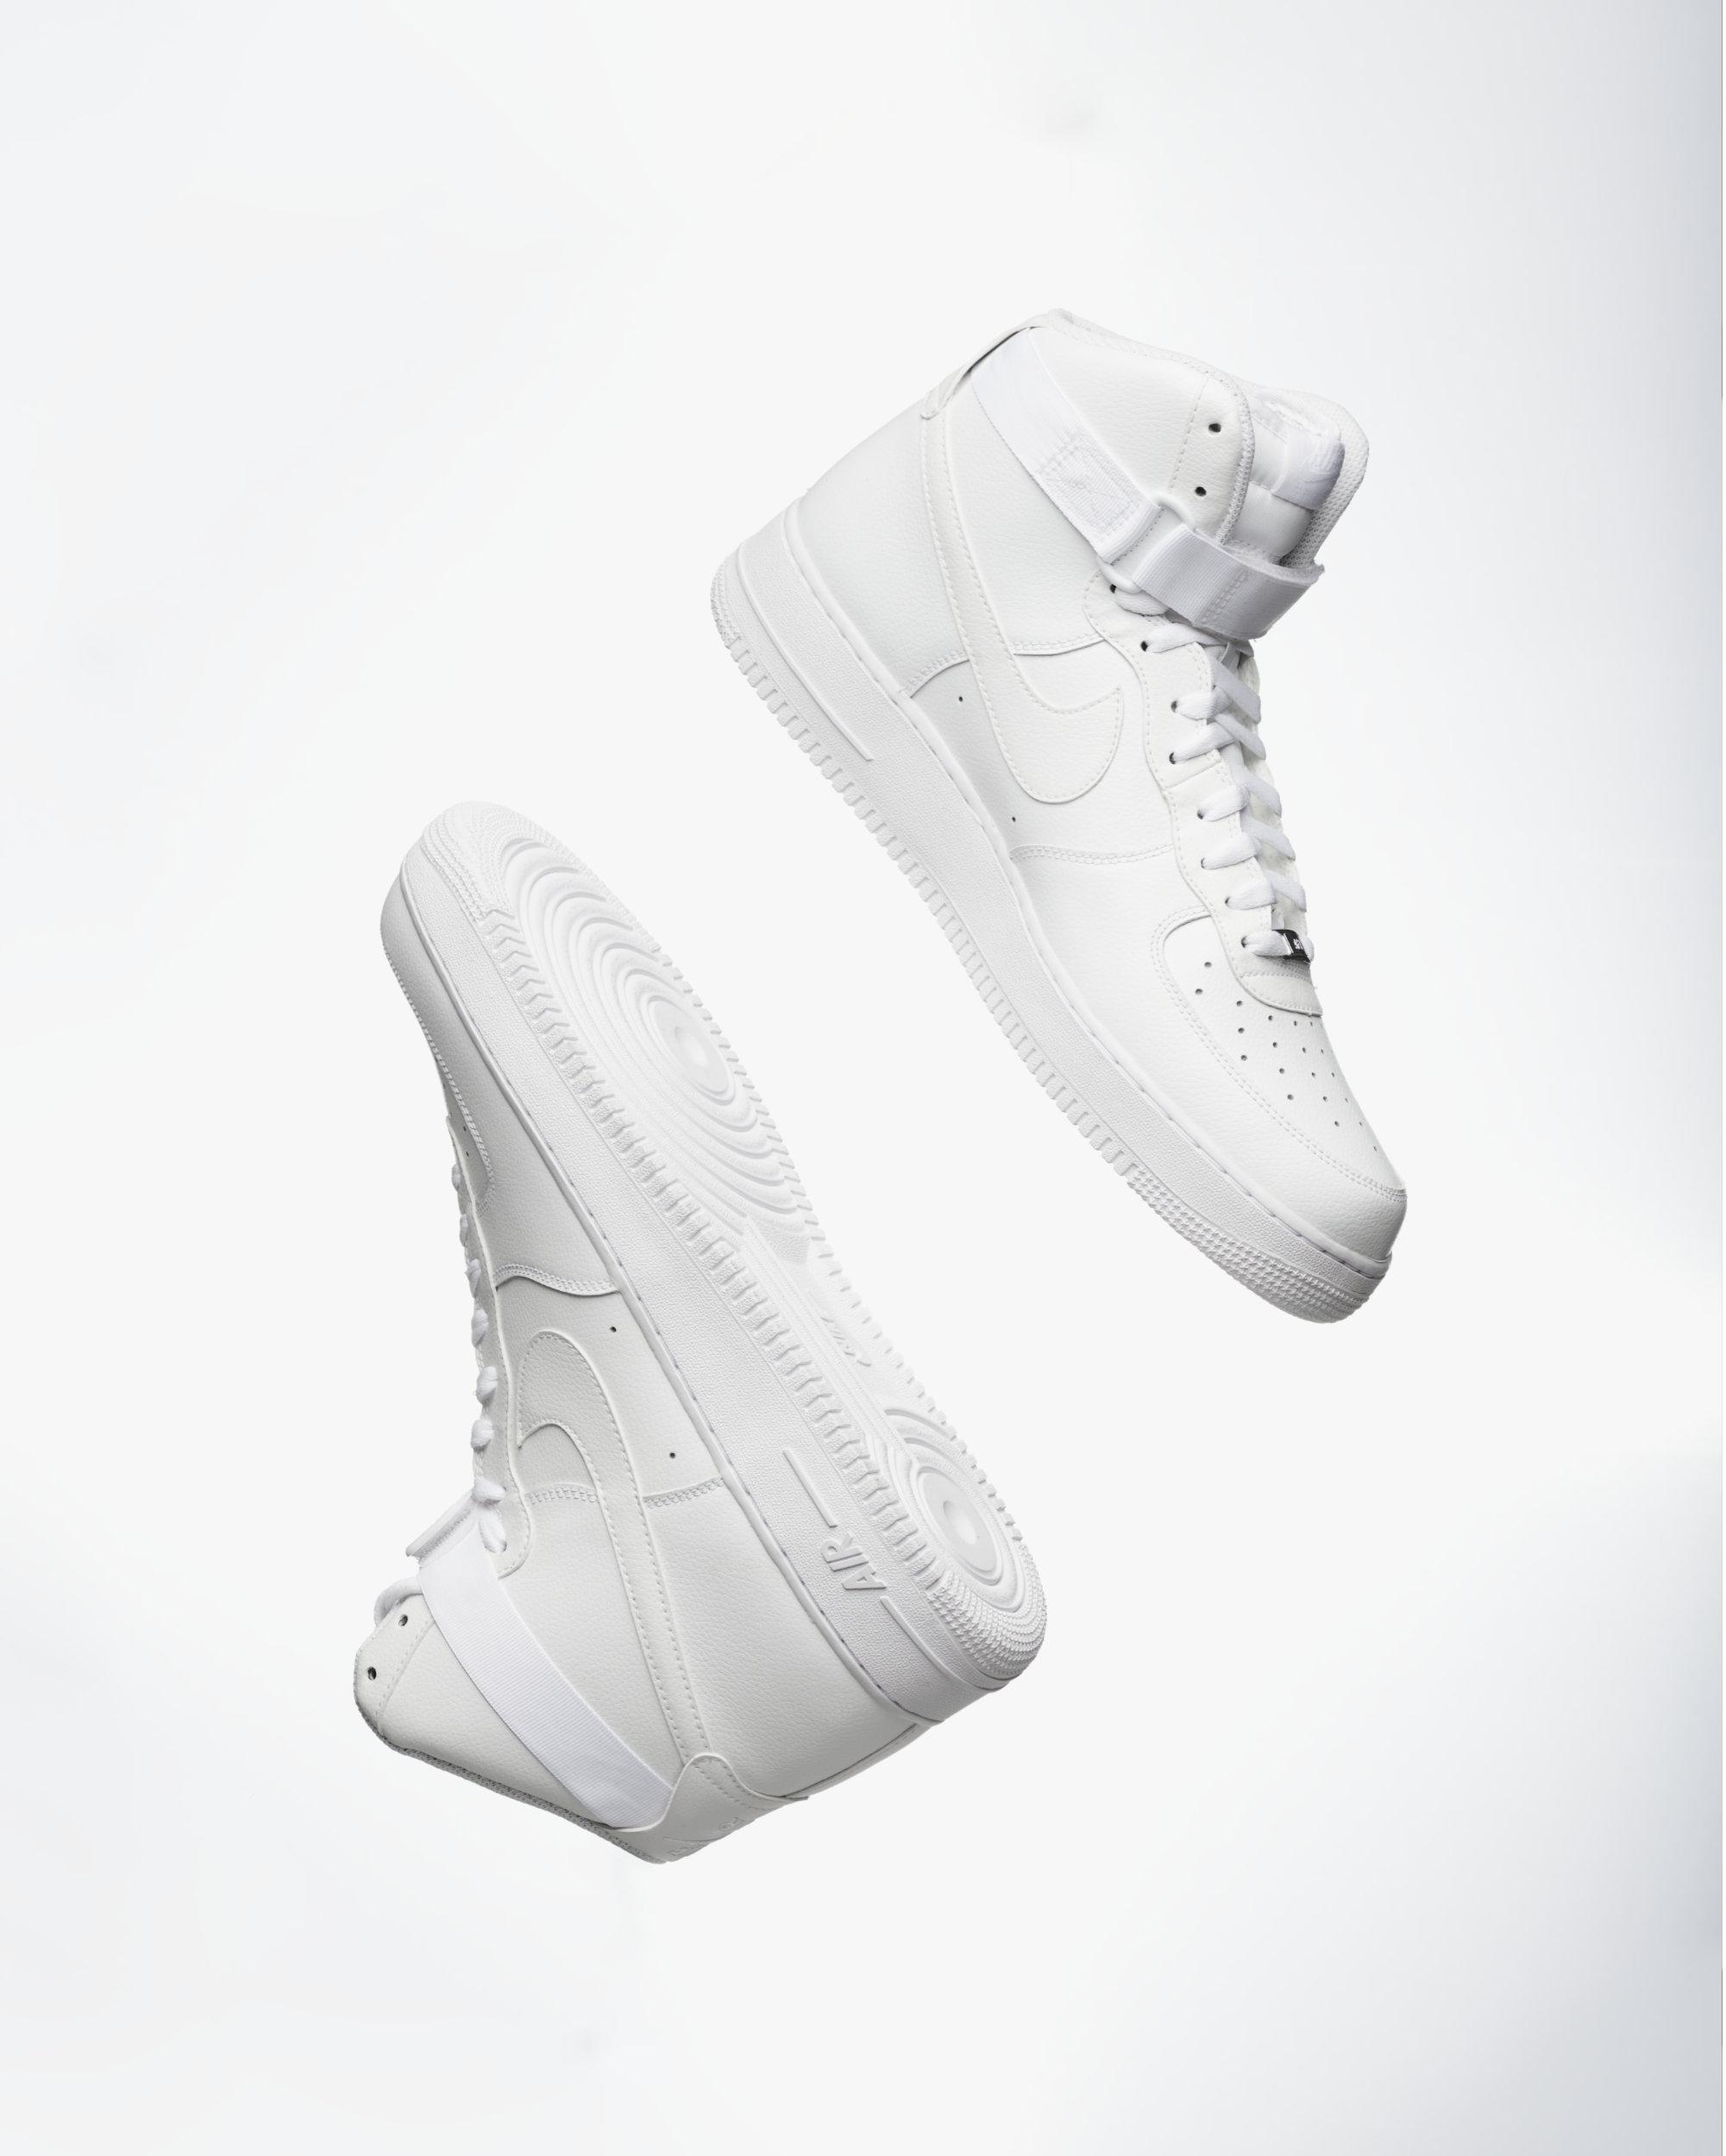 Lichtenau_21_01_2021_Schuhe_Nike_AirForce1_BGWhite_00403